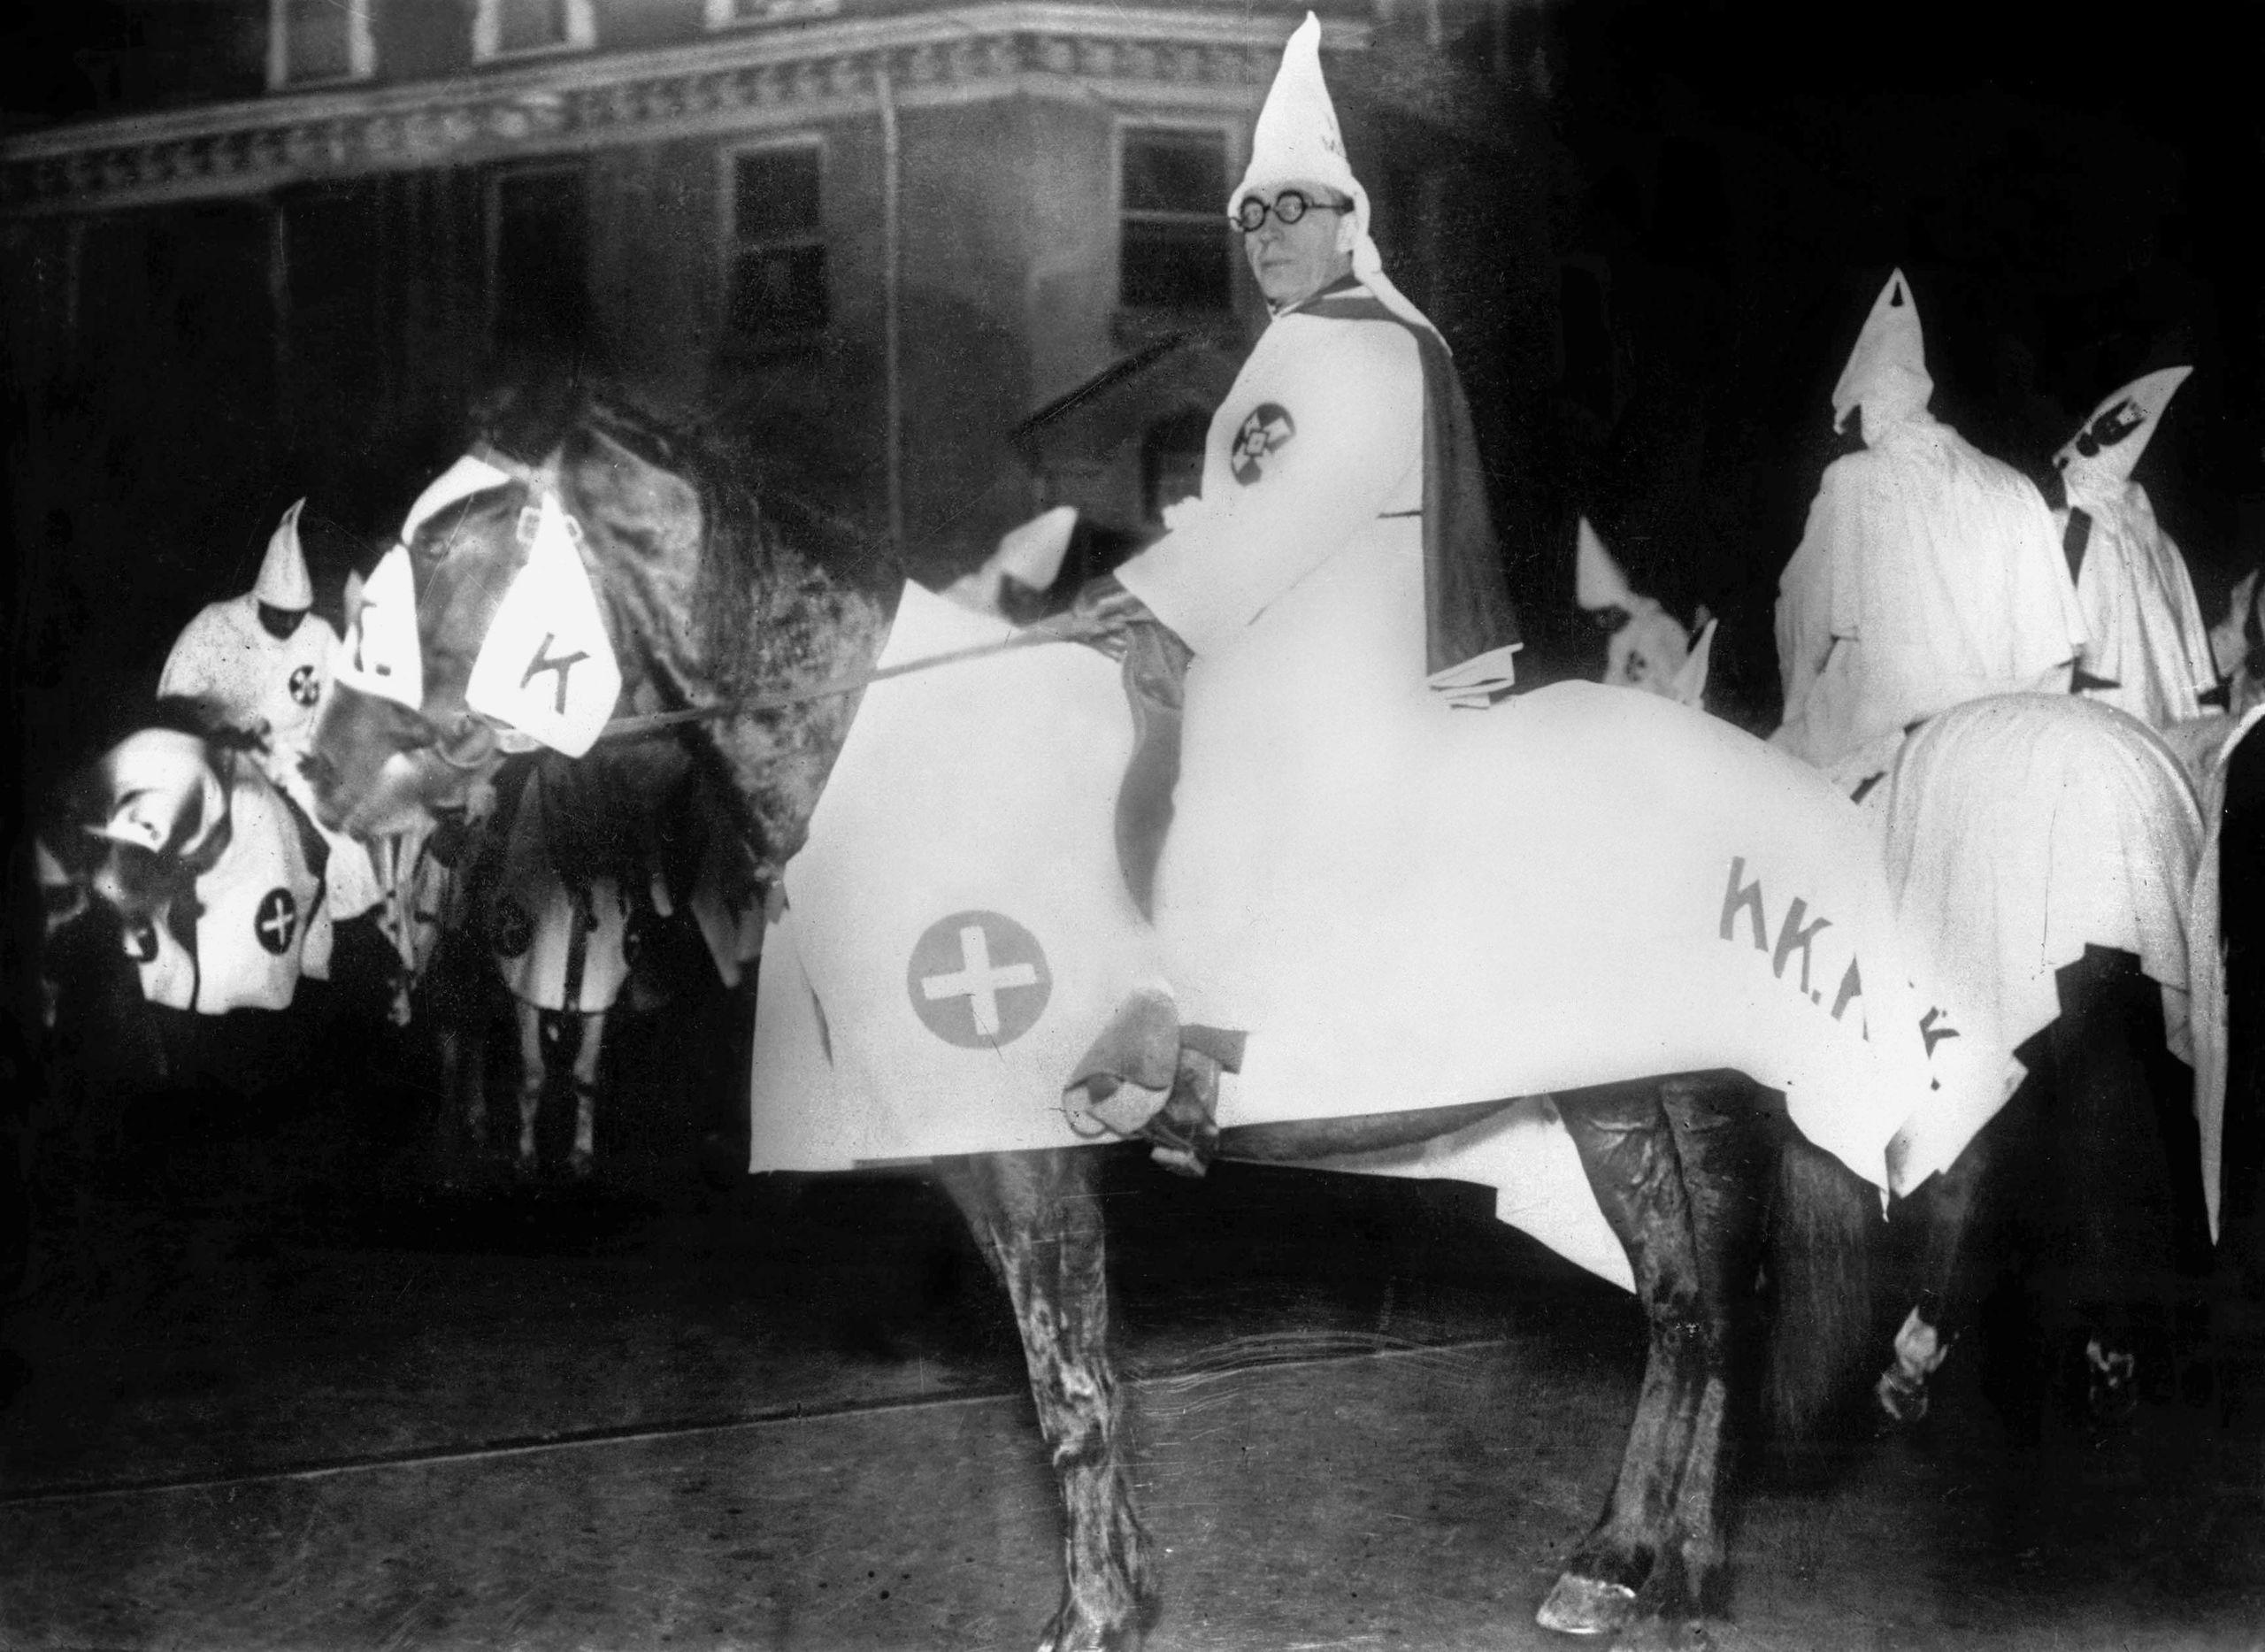 Imagen de un miembro del Ku Klux Klan